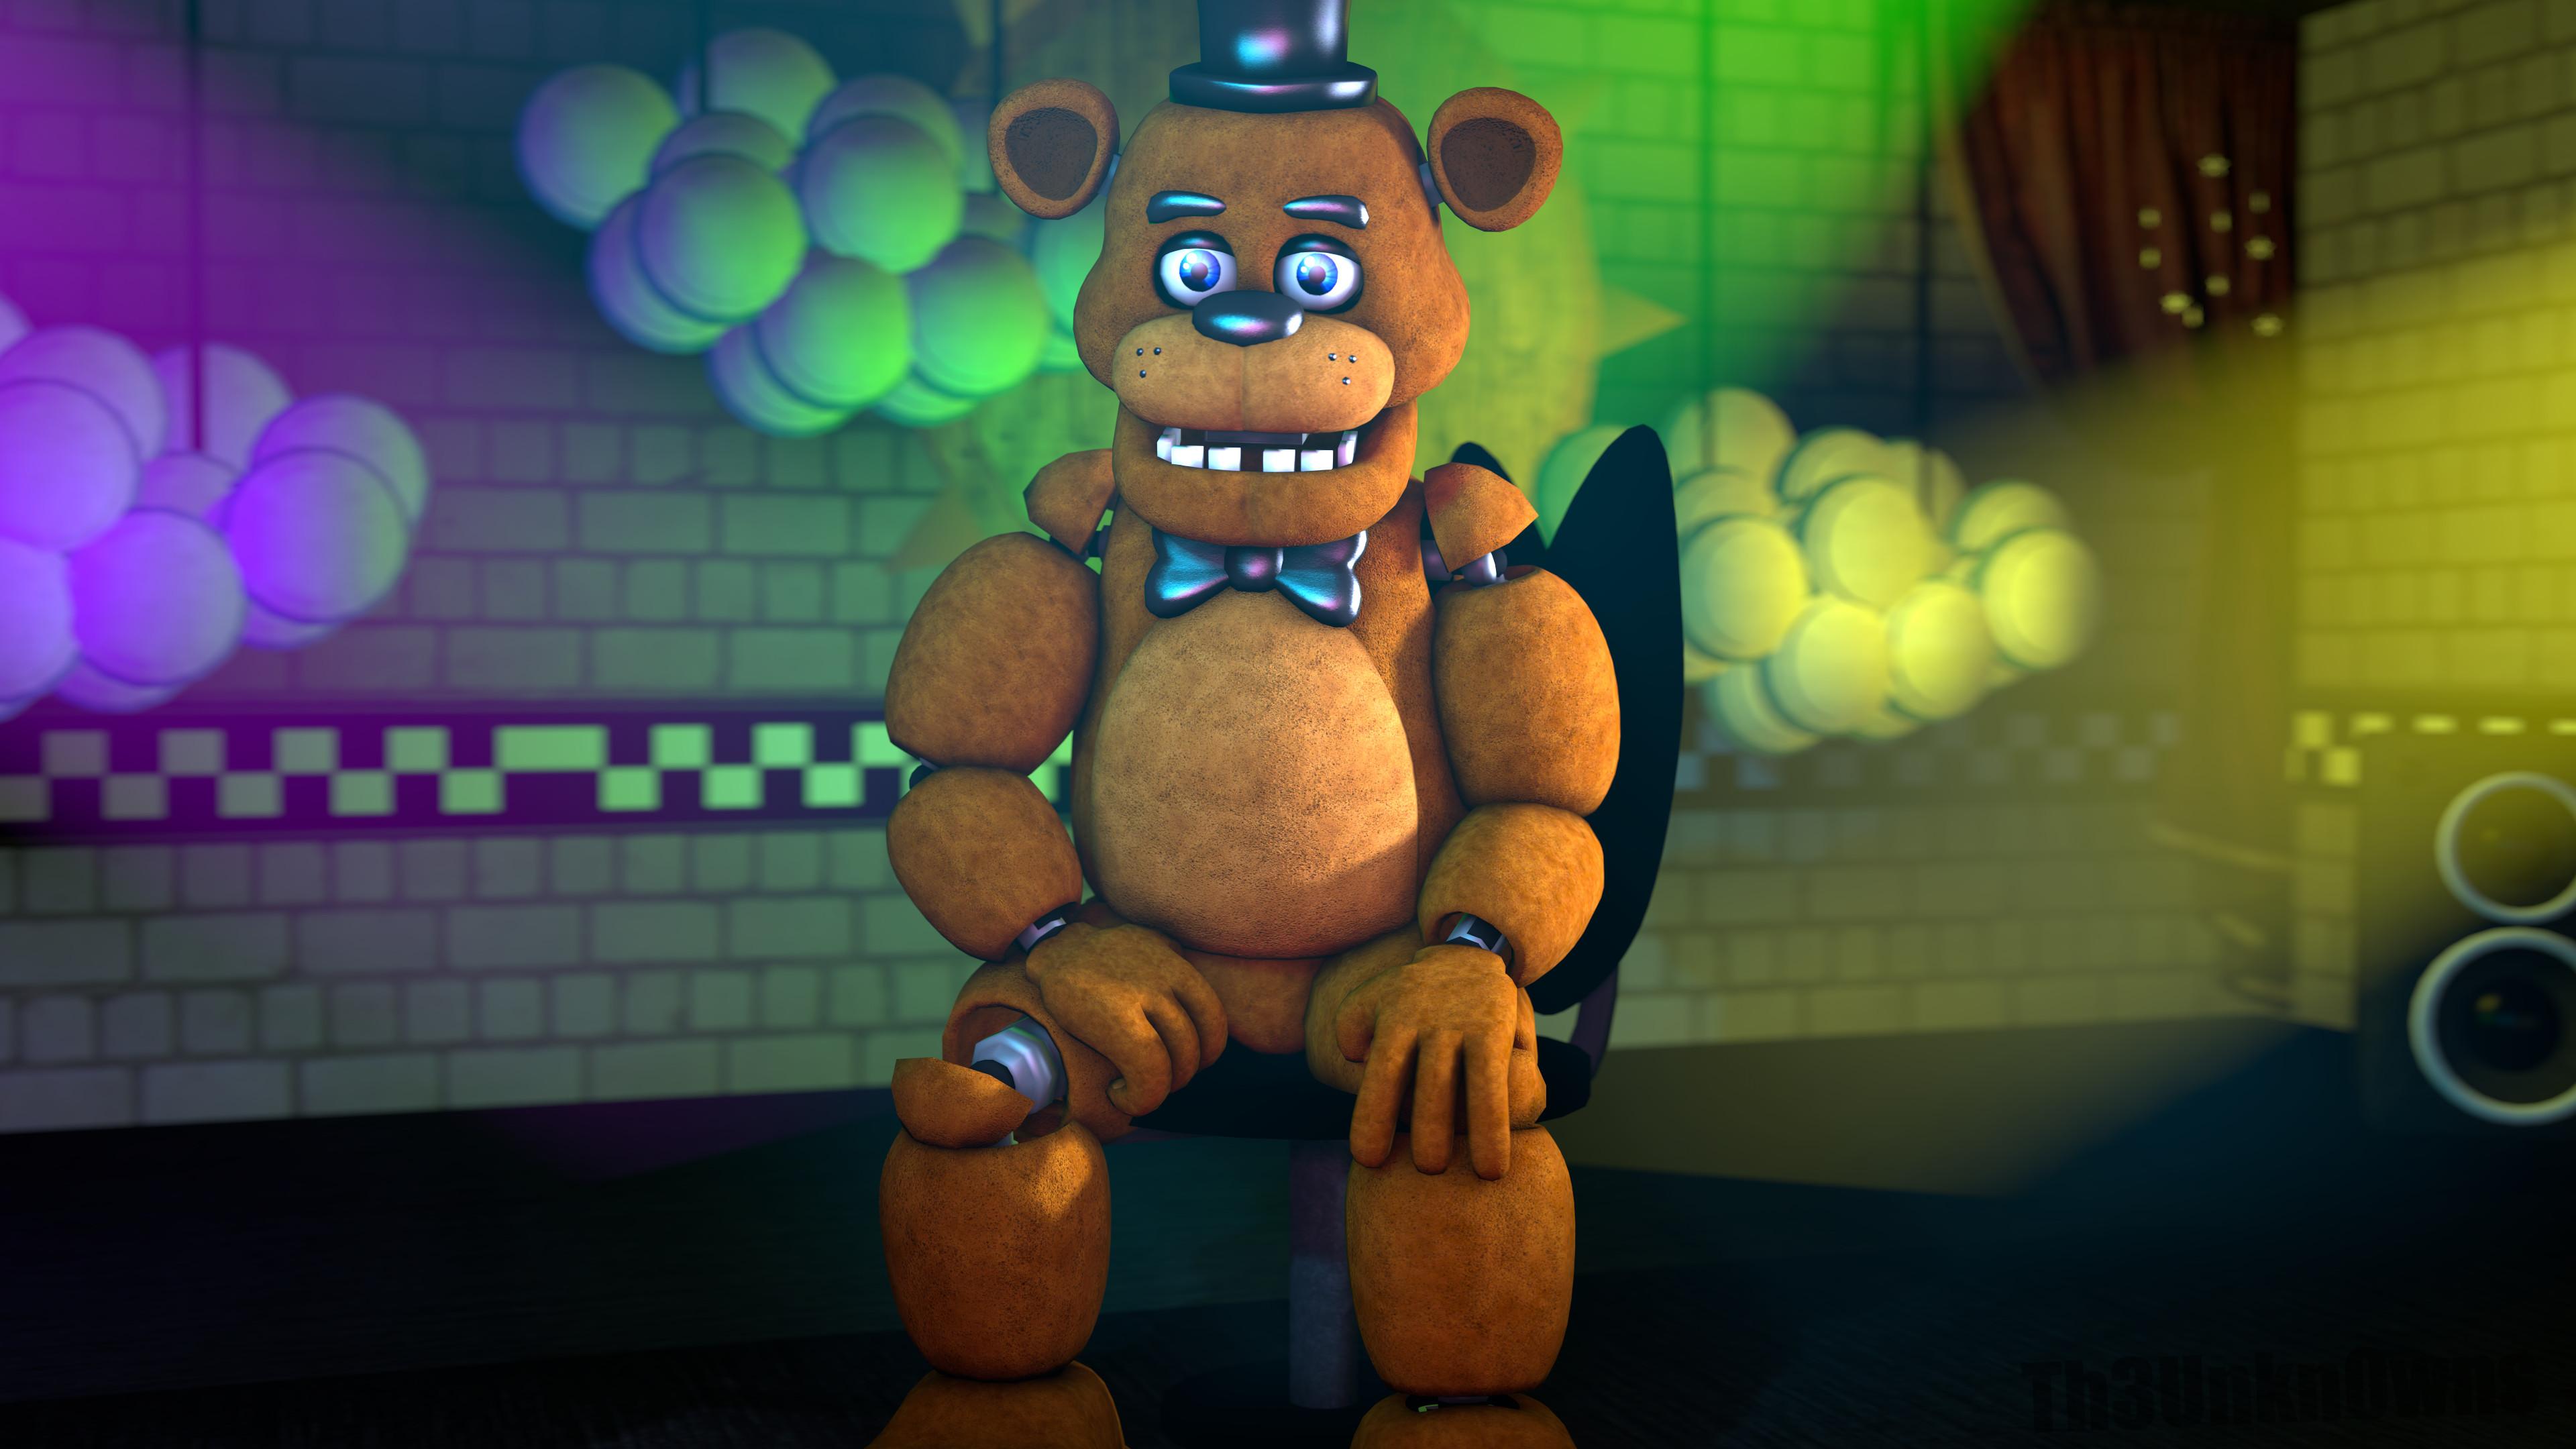 … Freddy Fazbear (WallPaper) (Filler) by Th3Unkn0wns